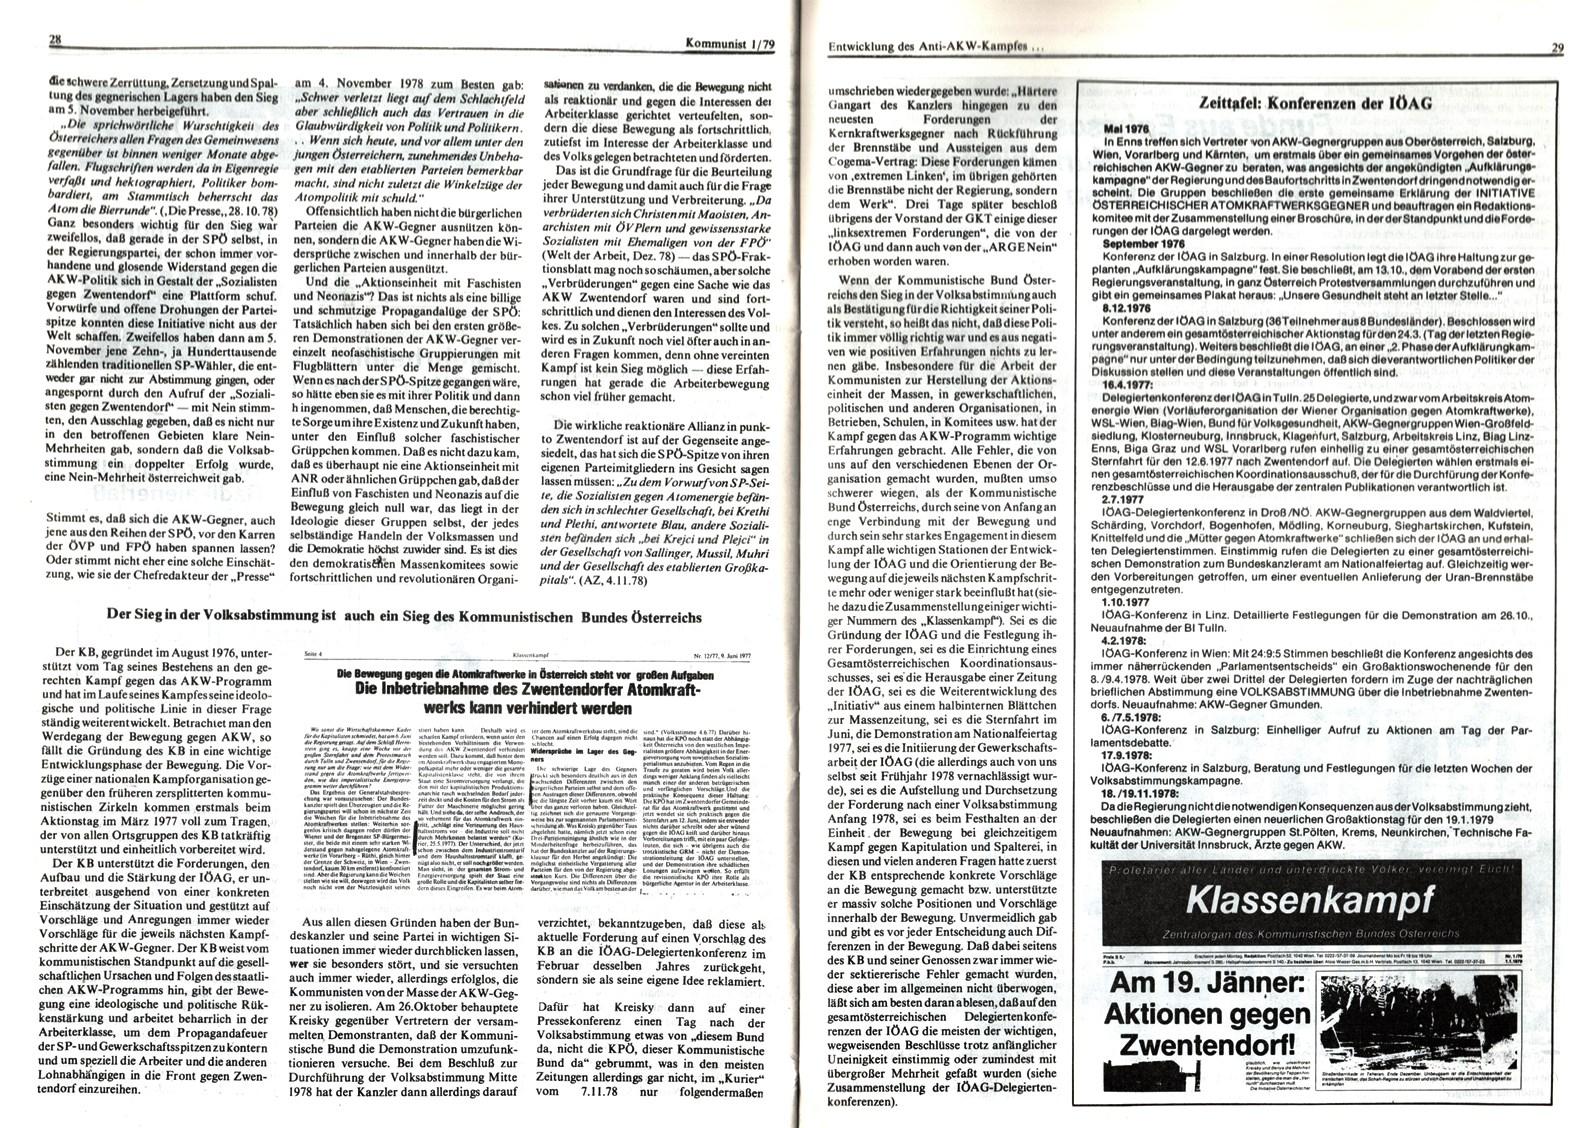 KBOe_TO_Kommunist_19790100_001_016